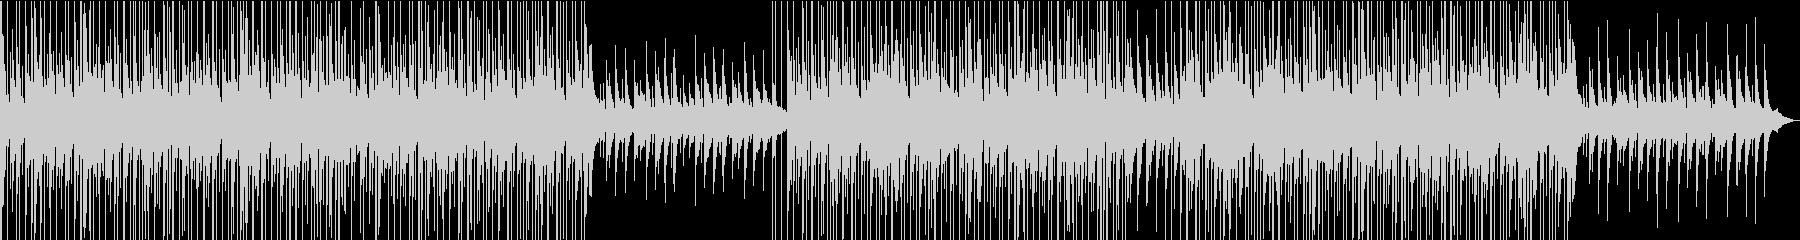 おしゃれなチルピアノの未再生の波形